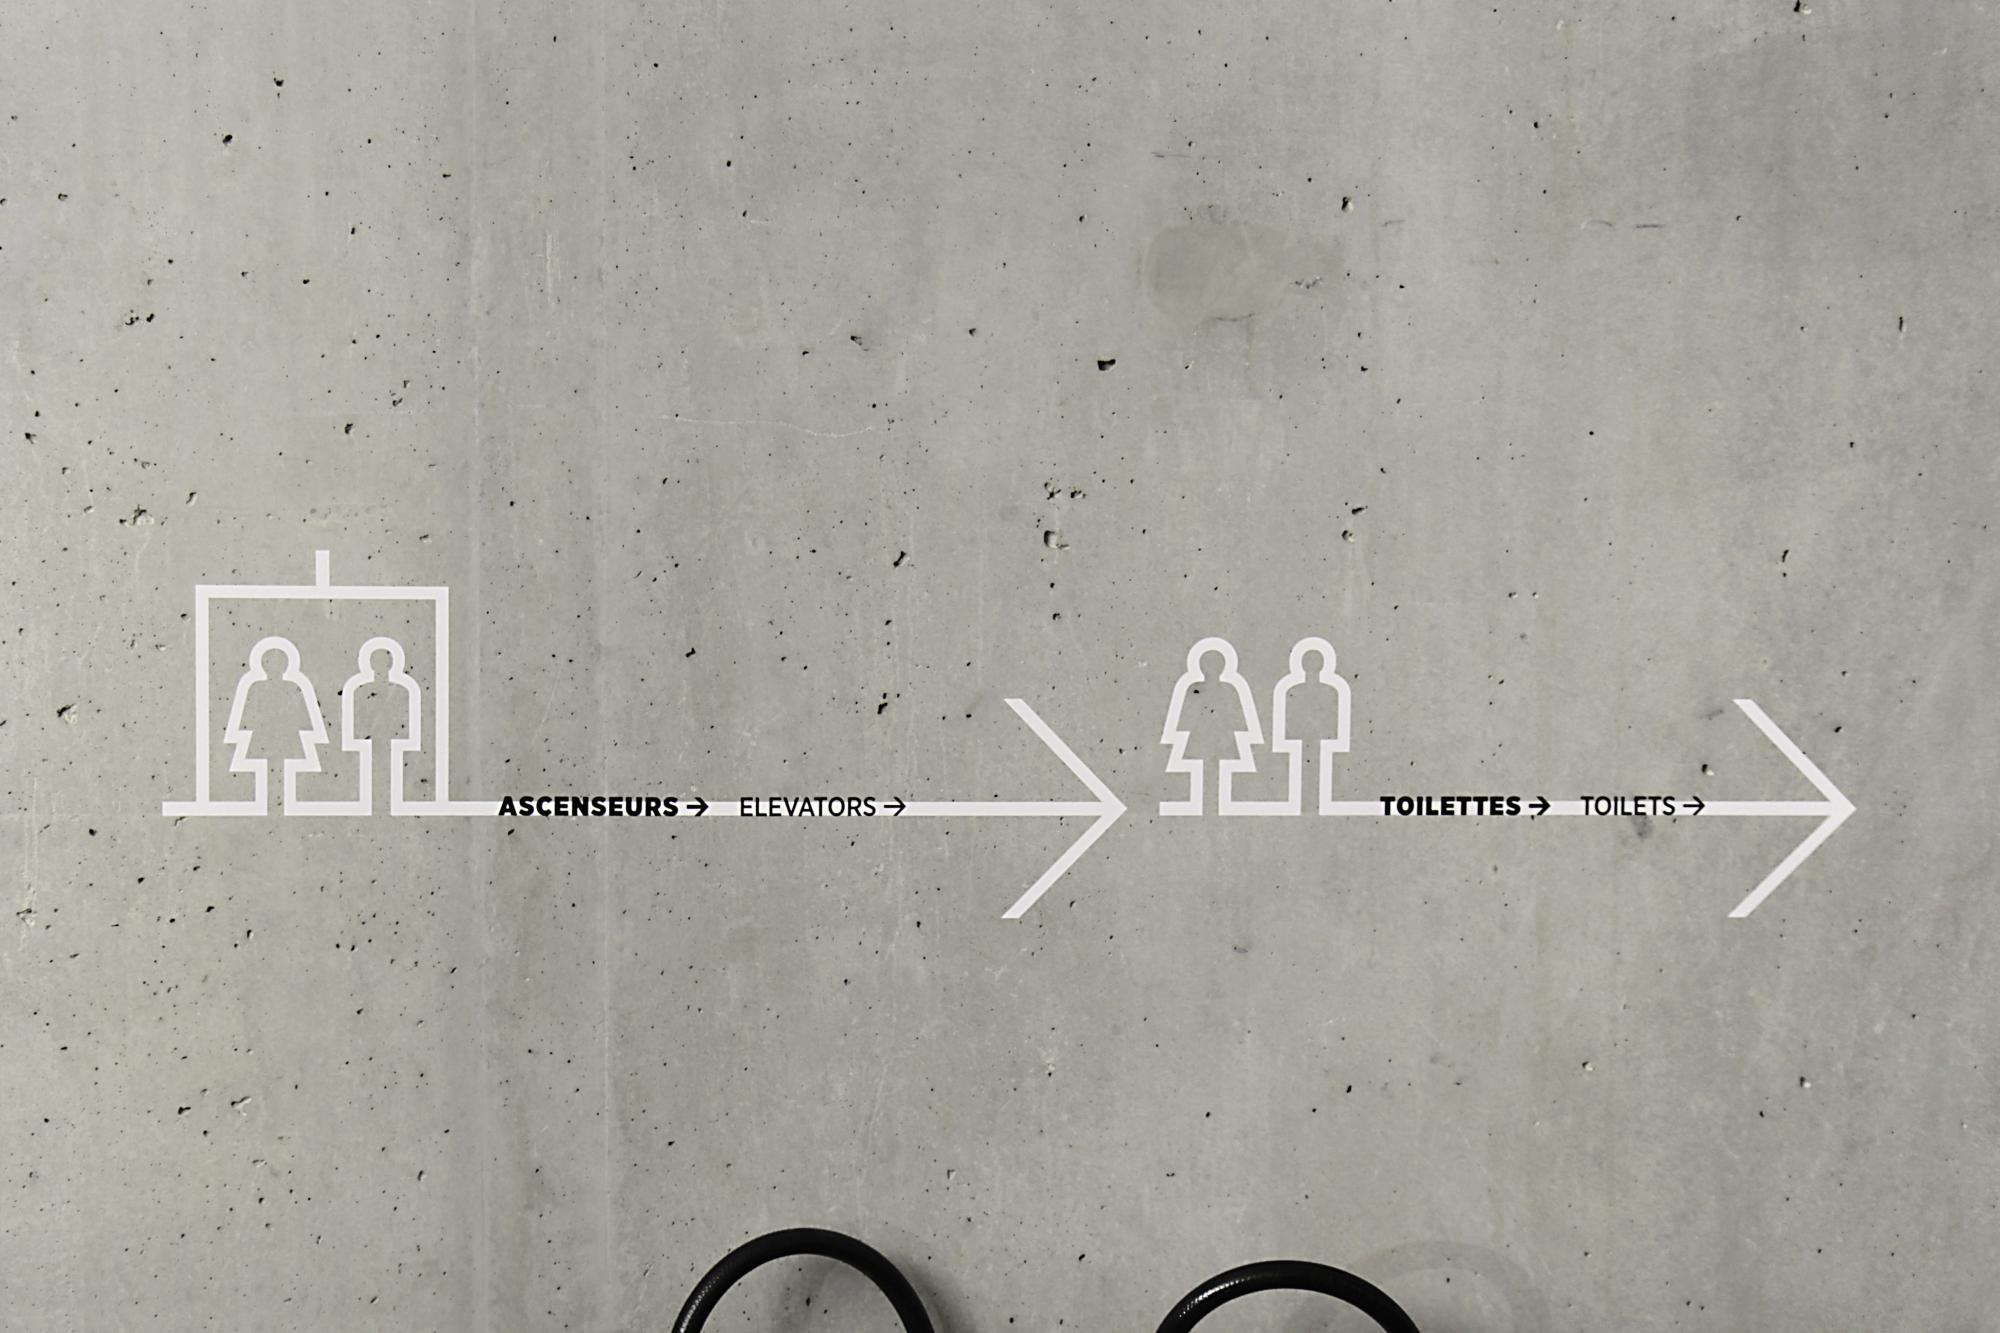 Graphisme Geneve graphic design graphique direction artistique  signalétique signage espace scénographie habillage flux exposition flèches pictogrammes panneaux bâtiment  IHEID geneva graduate institute maison de la paix